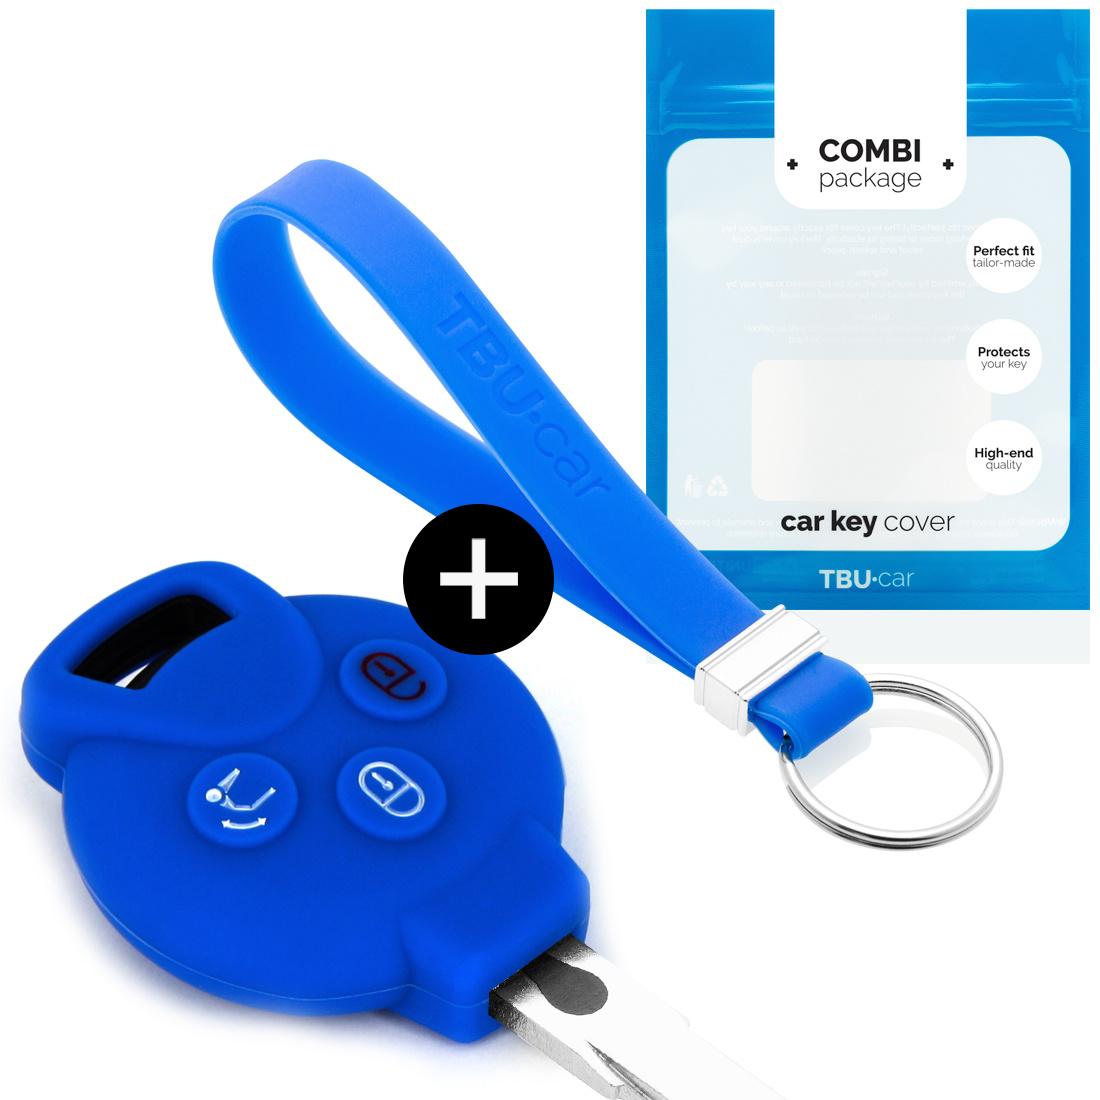 TBU car Autoschlüssel Hülle für Smart 3 Tasten - Schutzhülle aus Silikon - Auto Schlüsselhülle Cover in Blau